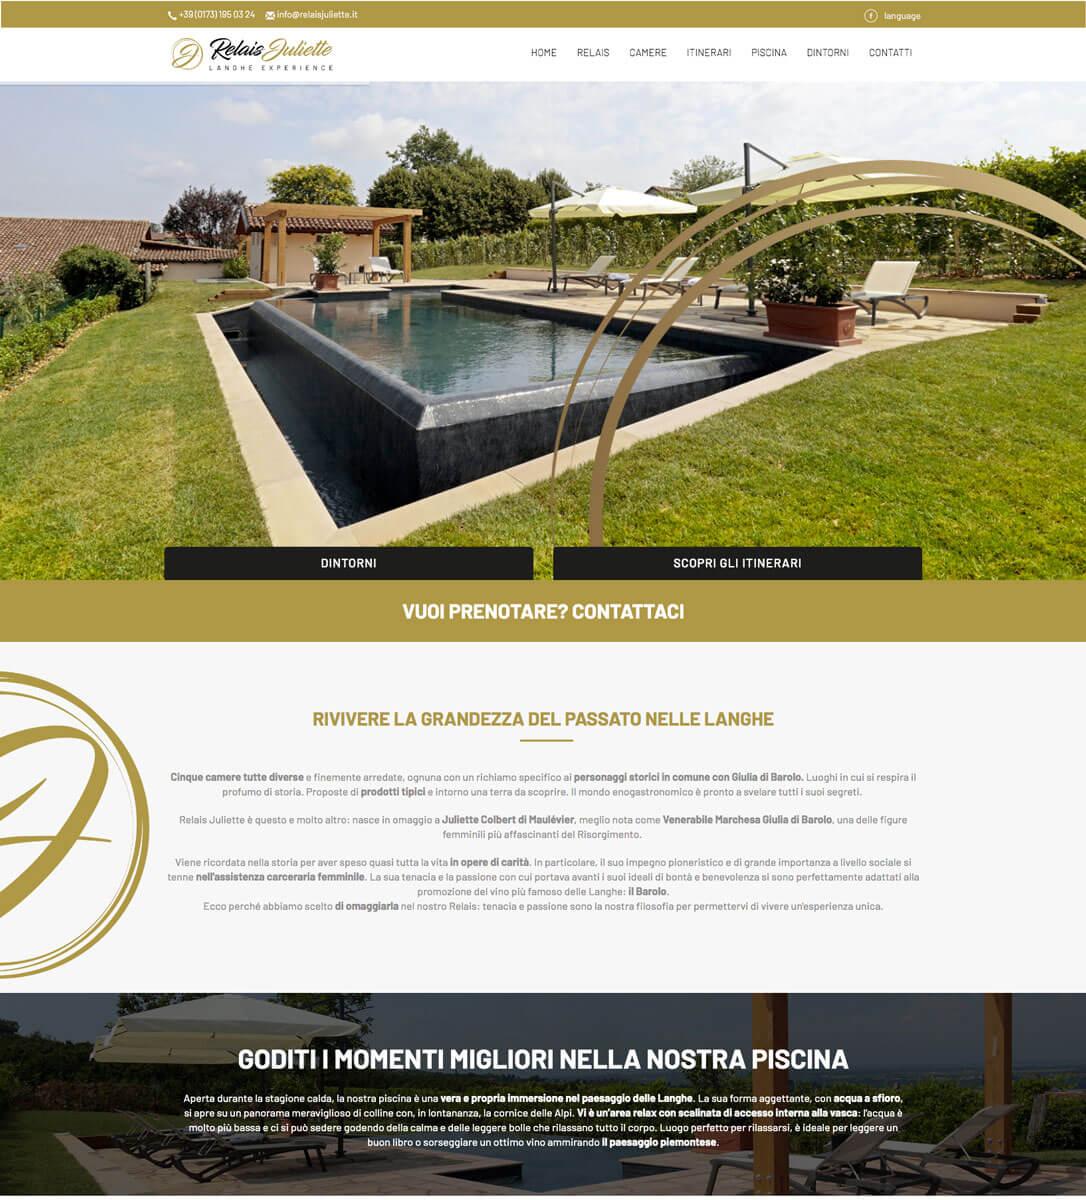 Relais Juliette - Sito web Langhe